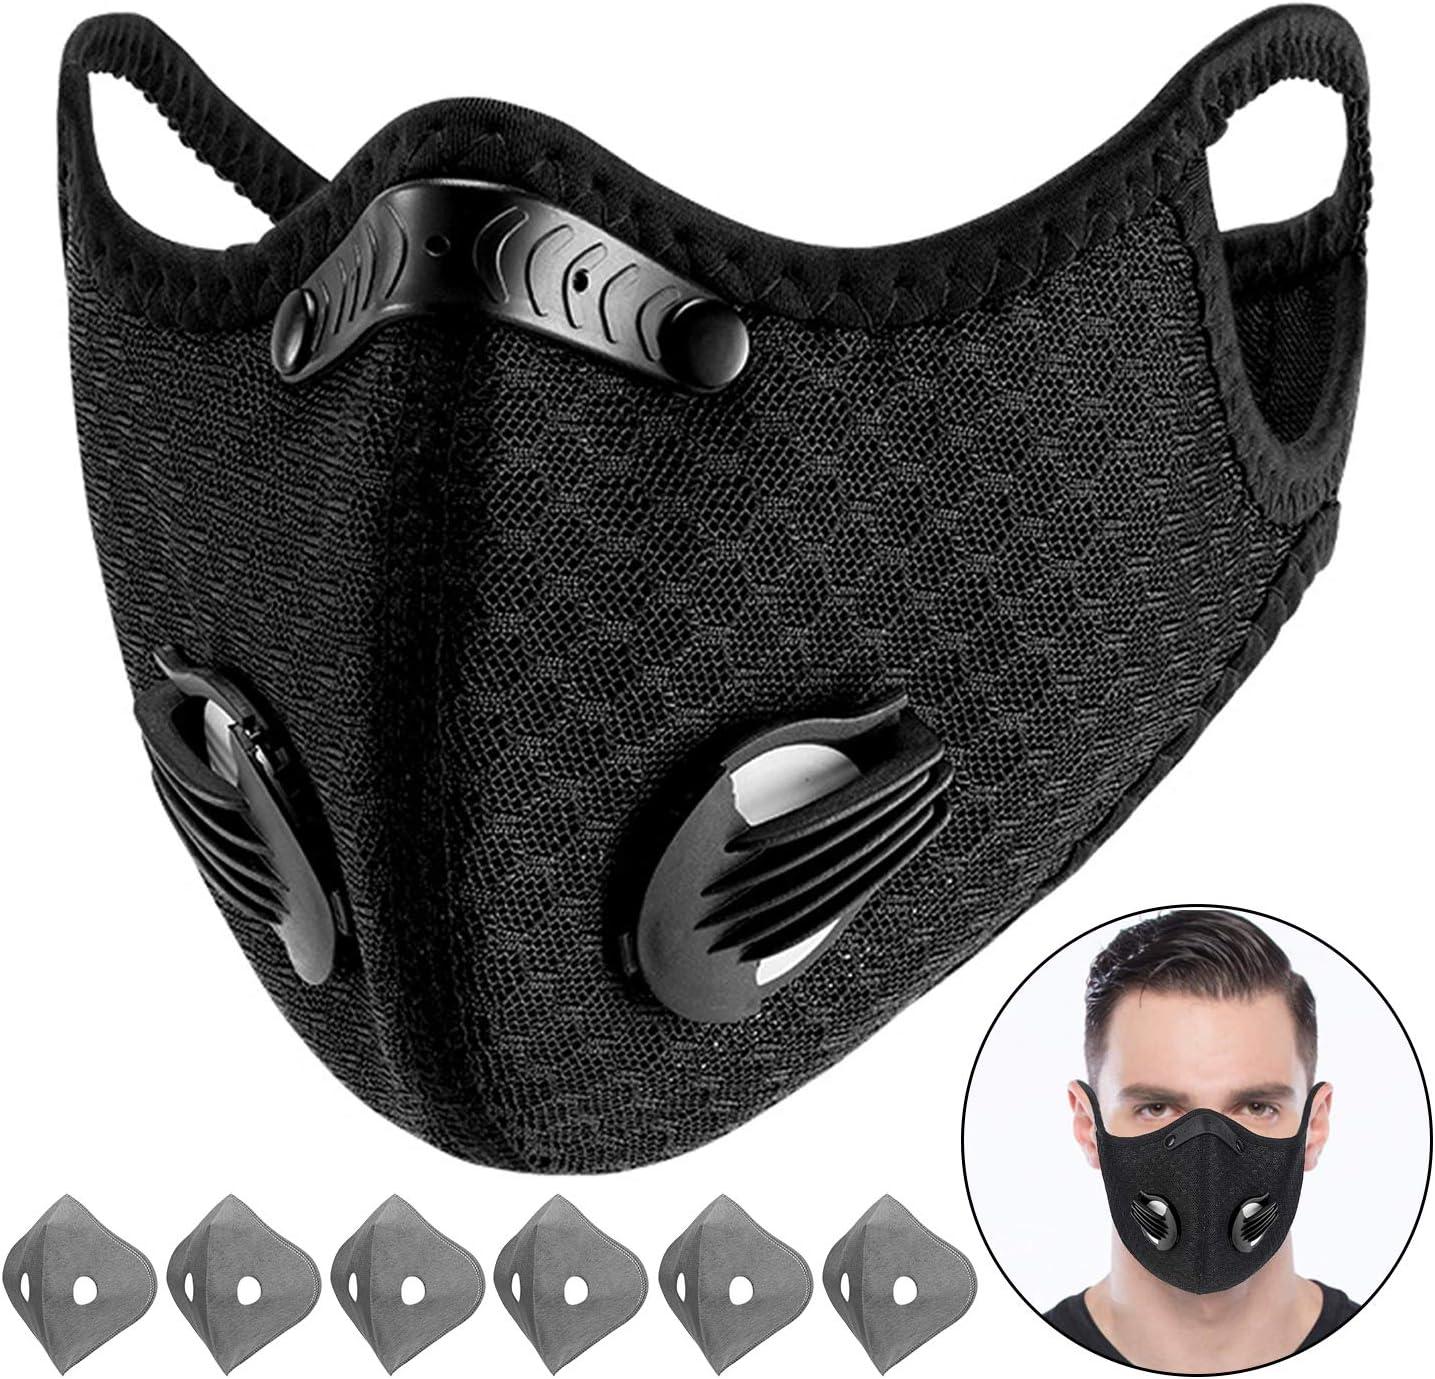 Beautyshow Máscara de polvo para deportes con 3 filtros de carbono reemplazables, máscara de protección contra la contaminación para humos de escape, polen, ciclismo, correr, camping, viajes (negro)